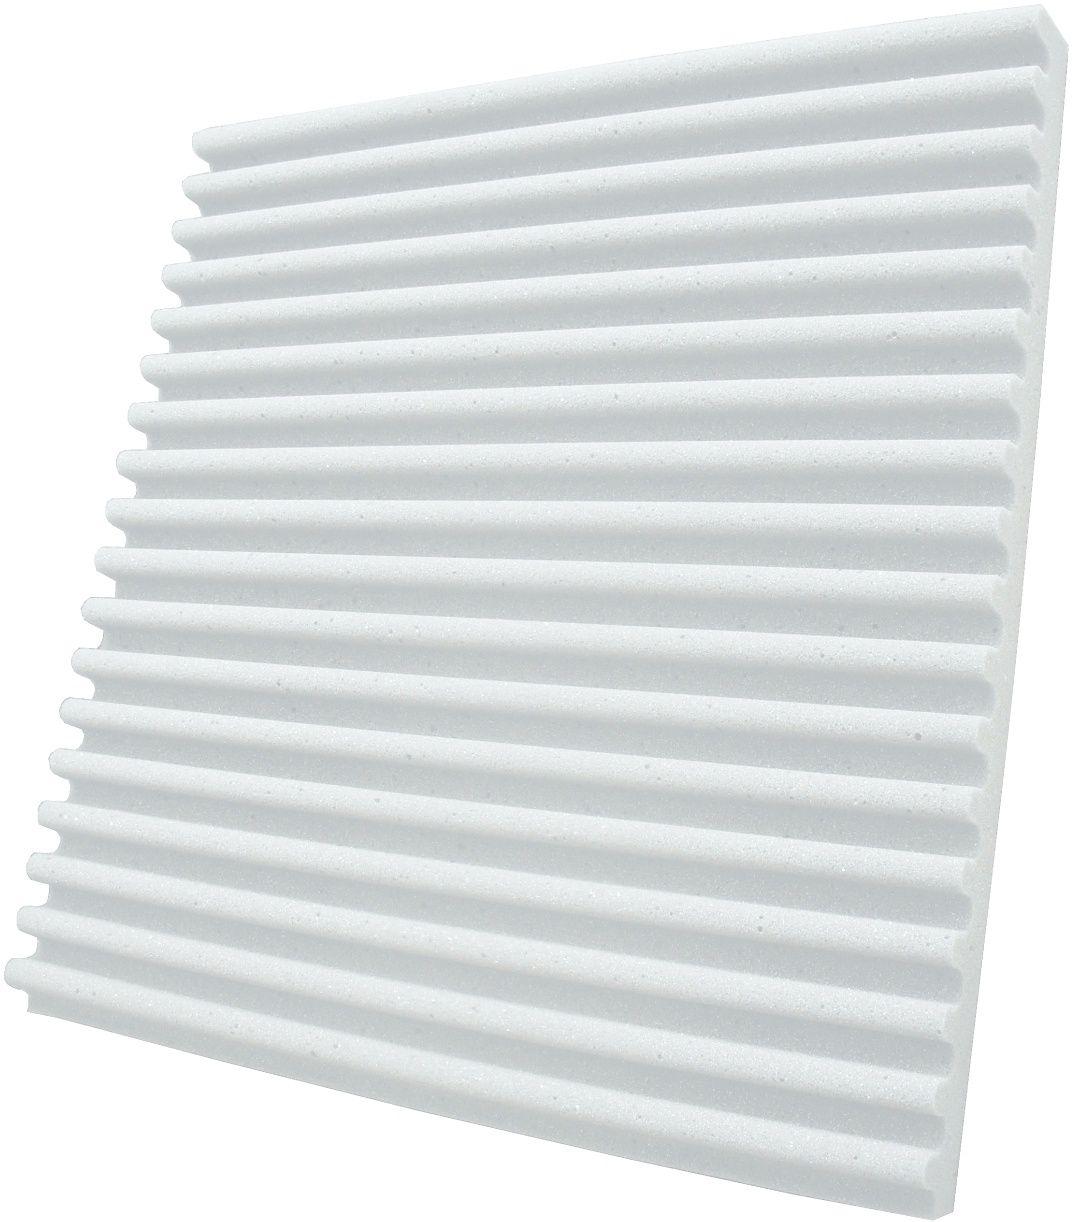 Espuma acústica Linha REV - S - Branco Gelo - Kit 8 peças (2m²)  - Loja SPL Acústica